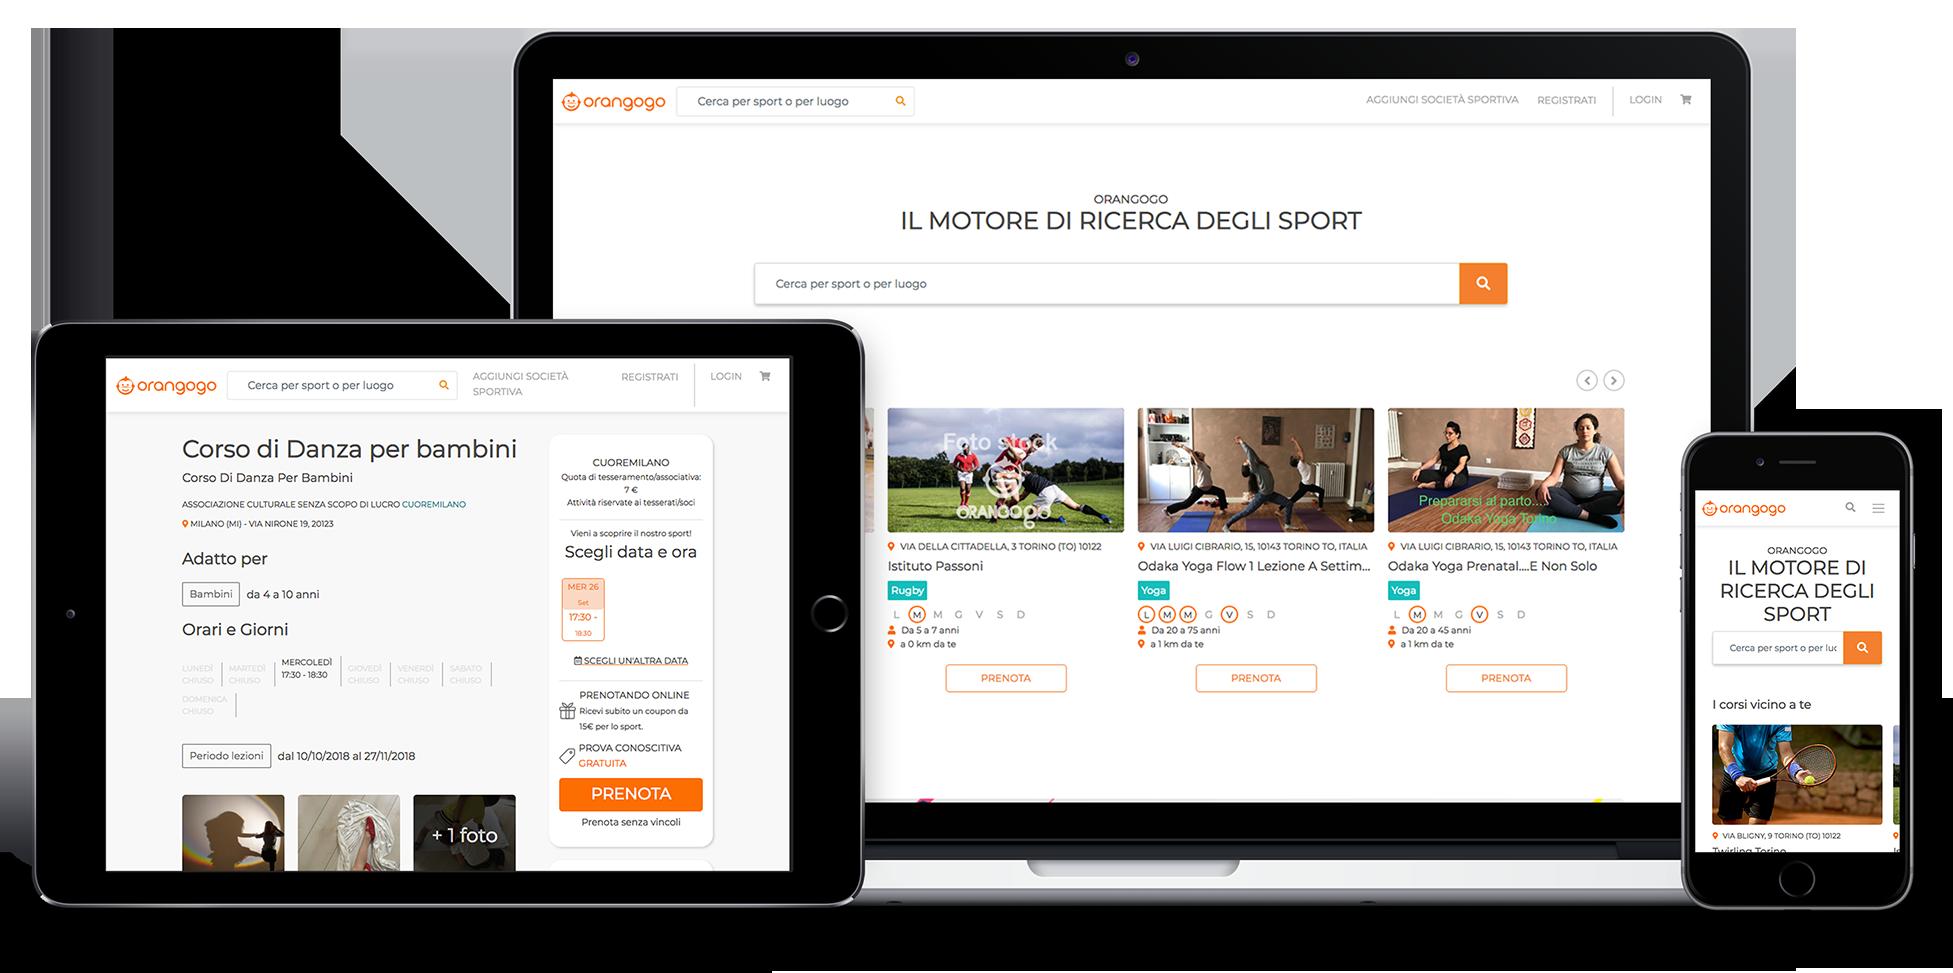 Orangogo Website